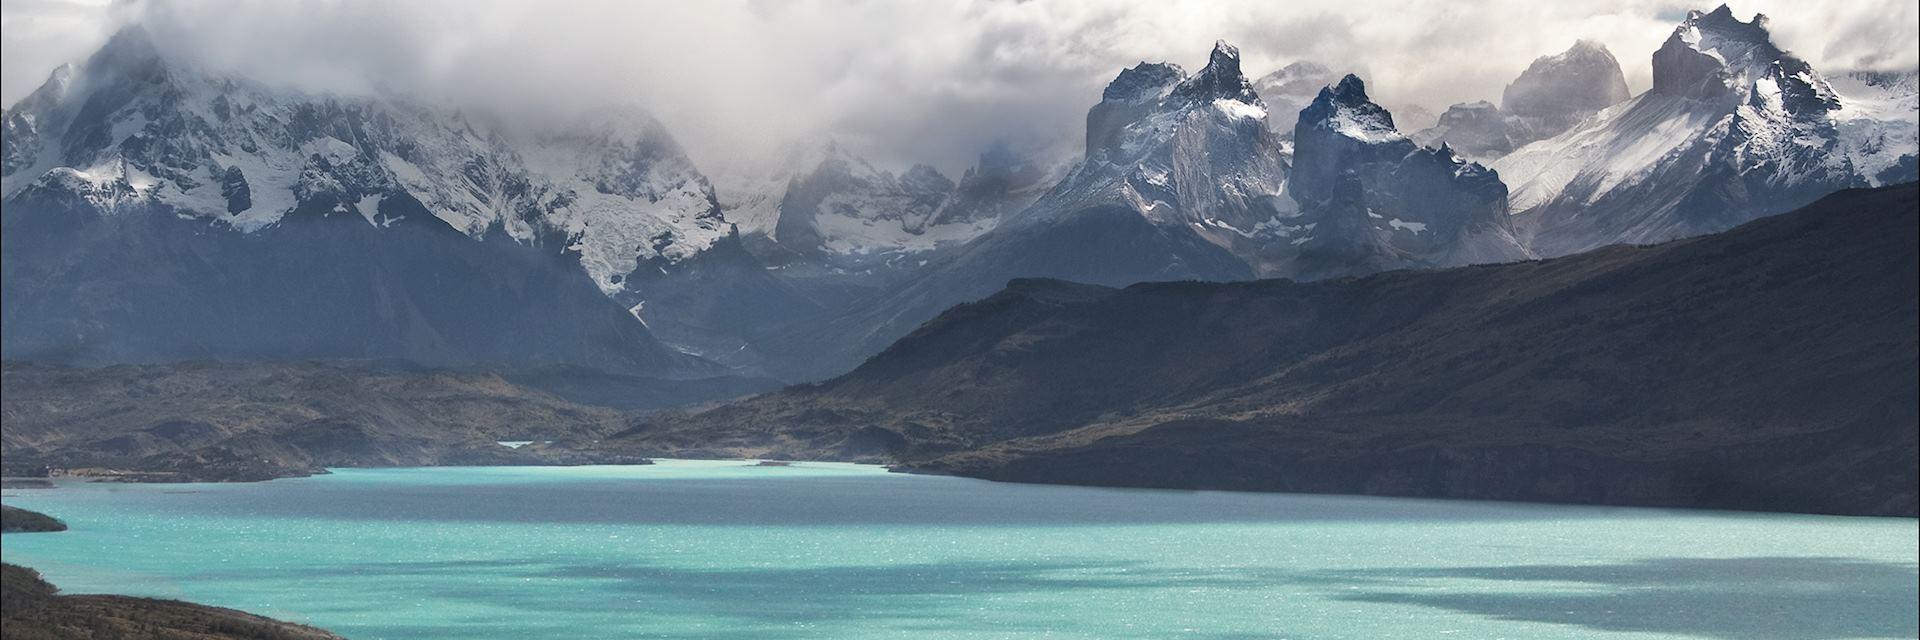 Mountain lake, Patagonia